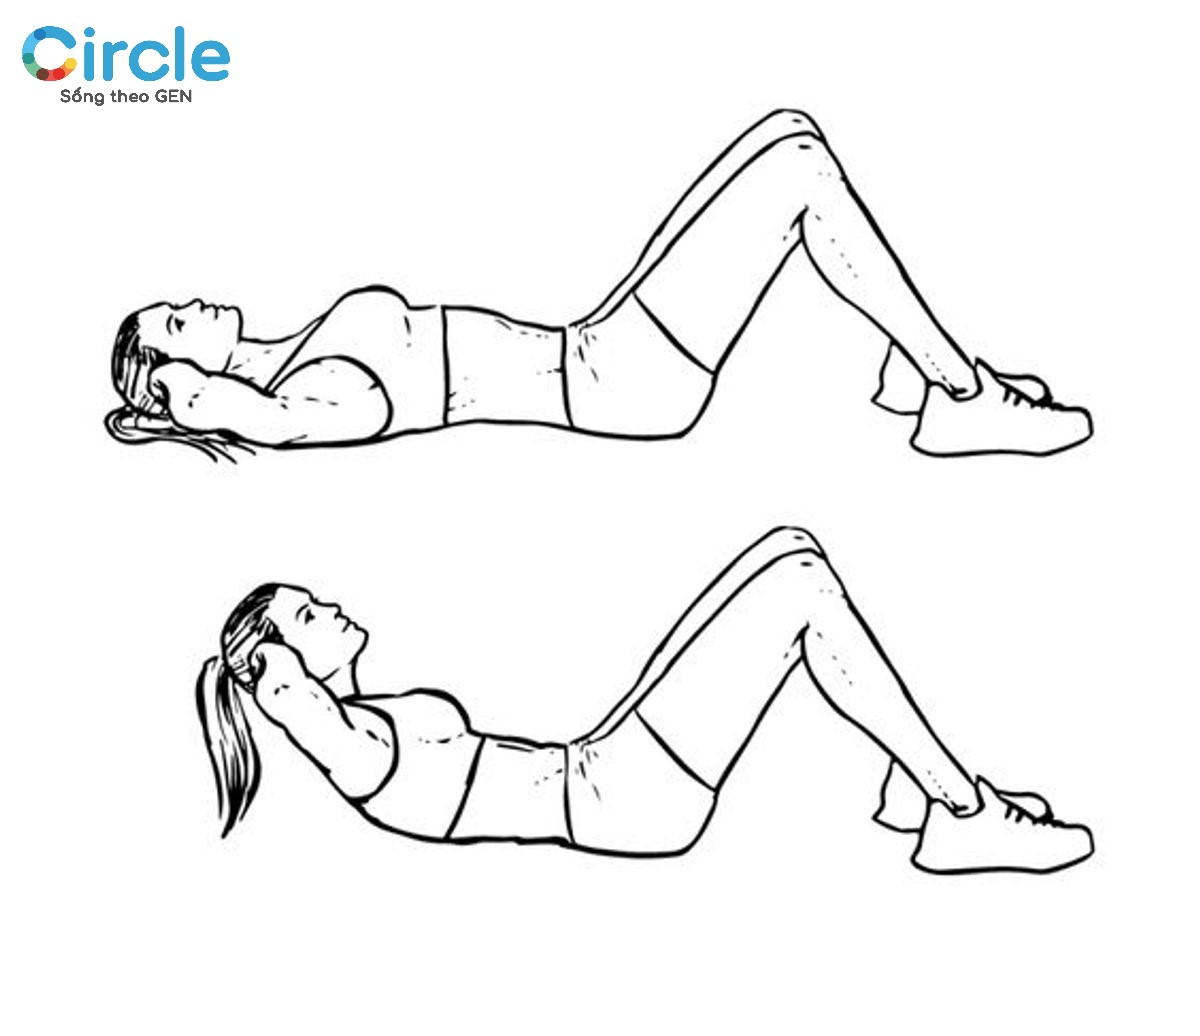 Động tác này nhìn thì có vẻ đơn giản nhưng khi thực hiện phần cơ bụng của bạn sẽ cảm nhận độ rung và mỏi rõ rệt đấy! Hãy cố gắng nhé!